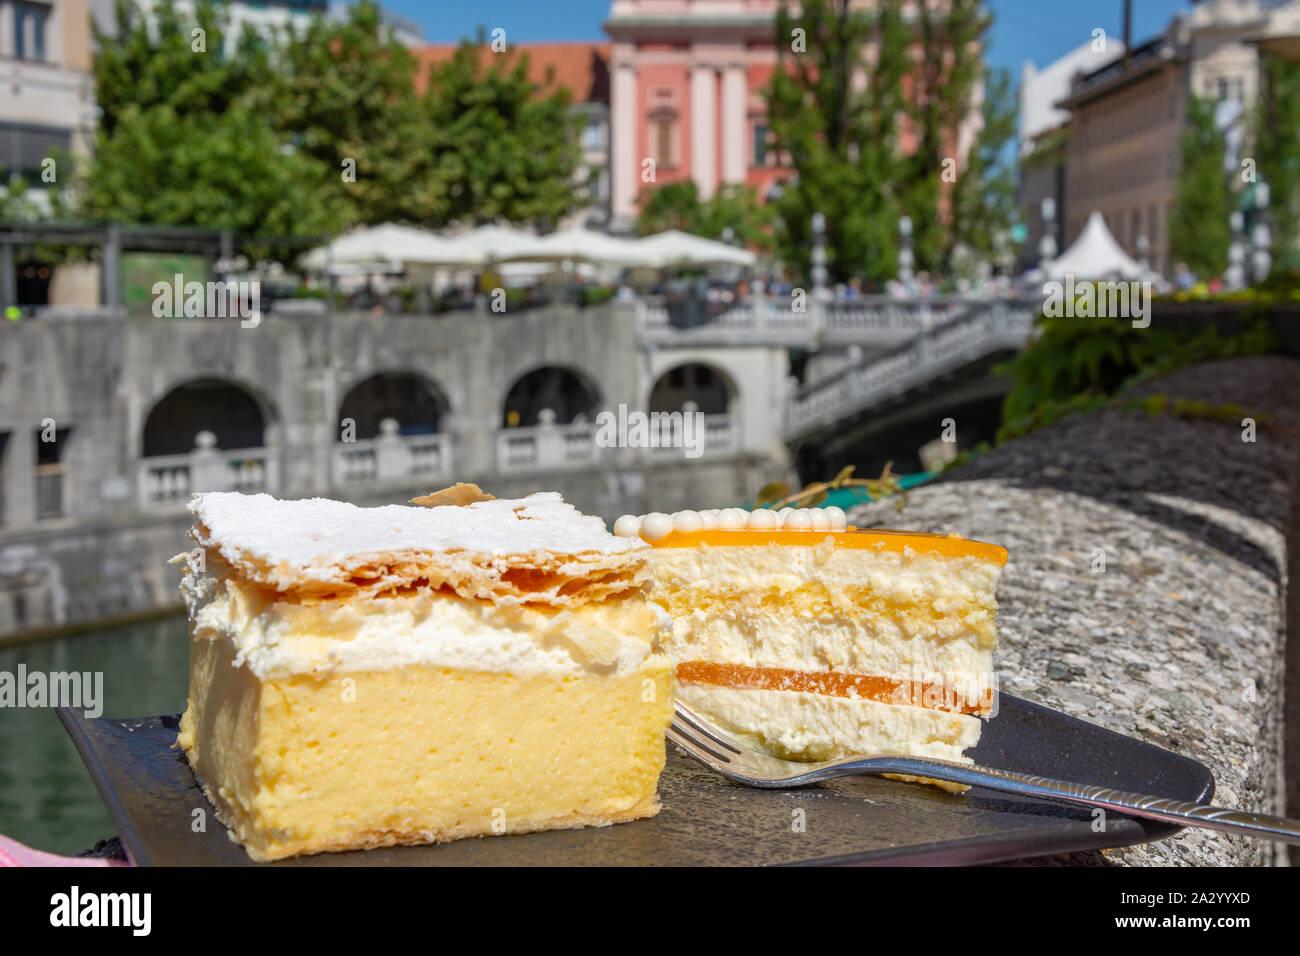 Traditionelle Kremšnita (Bled pudding Dessert) Kuchen auf dem